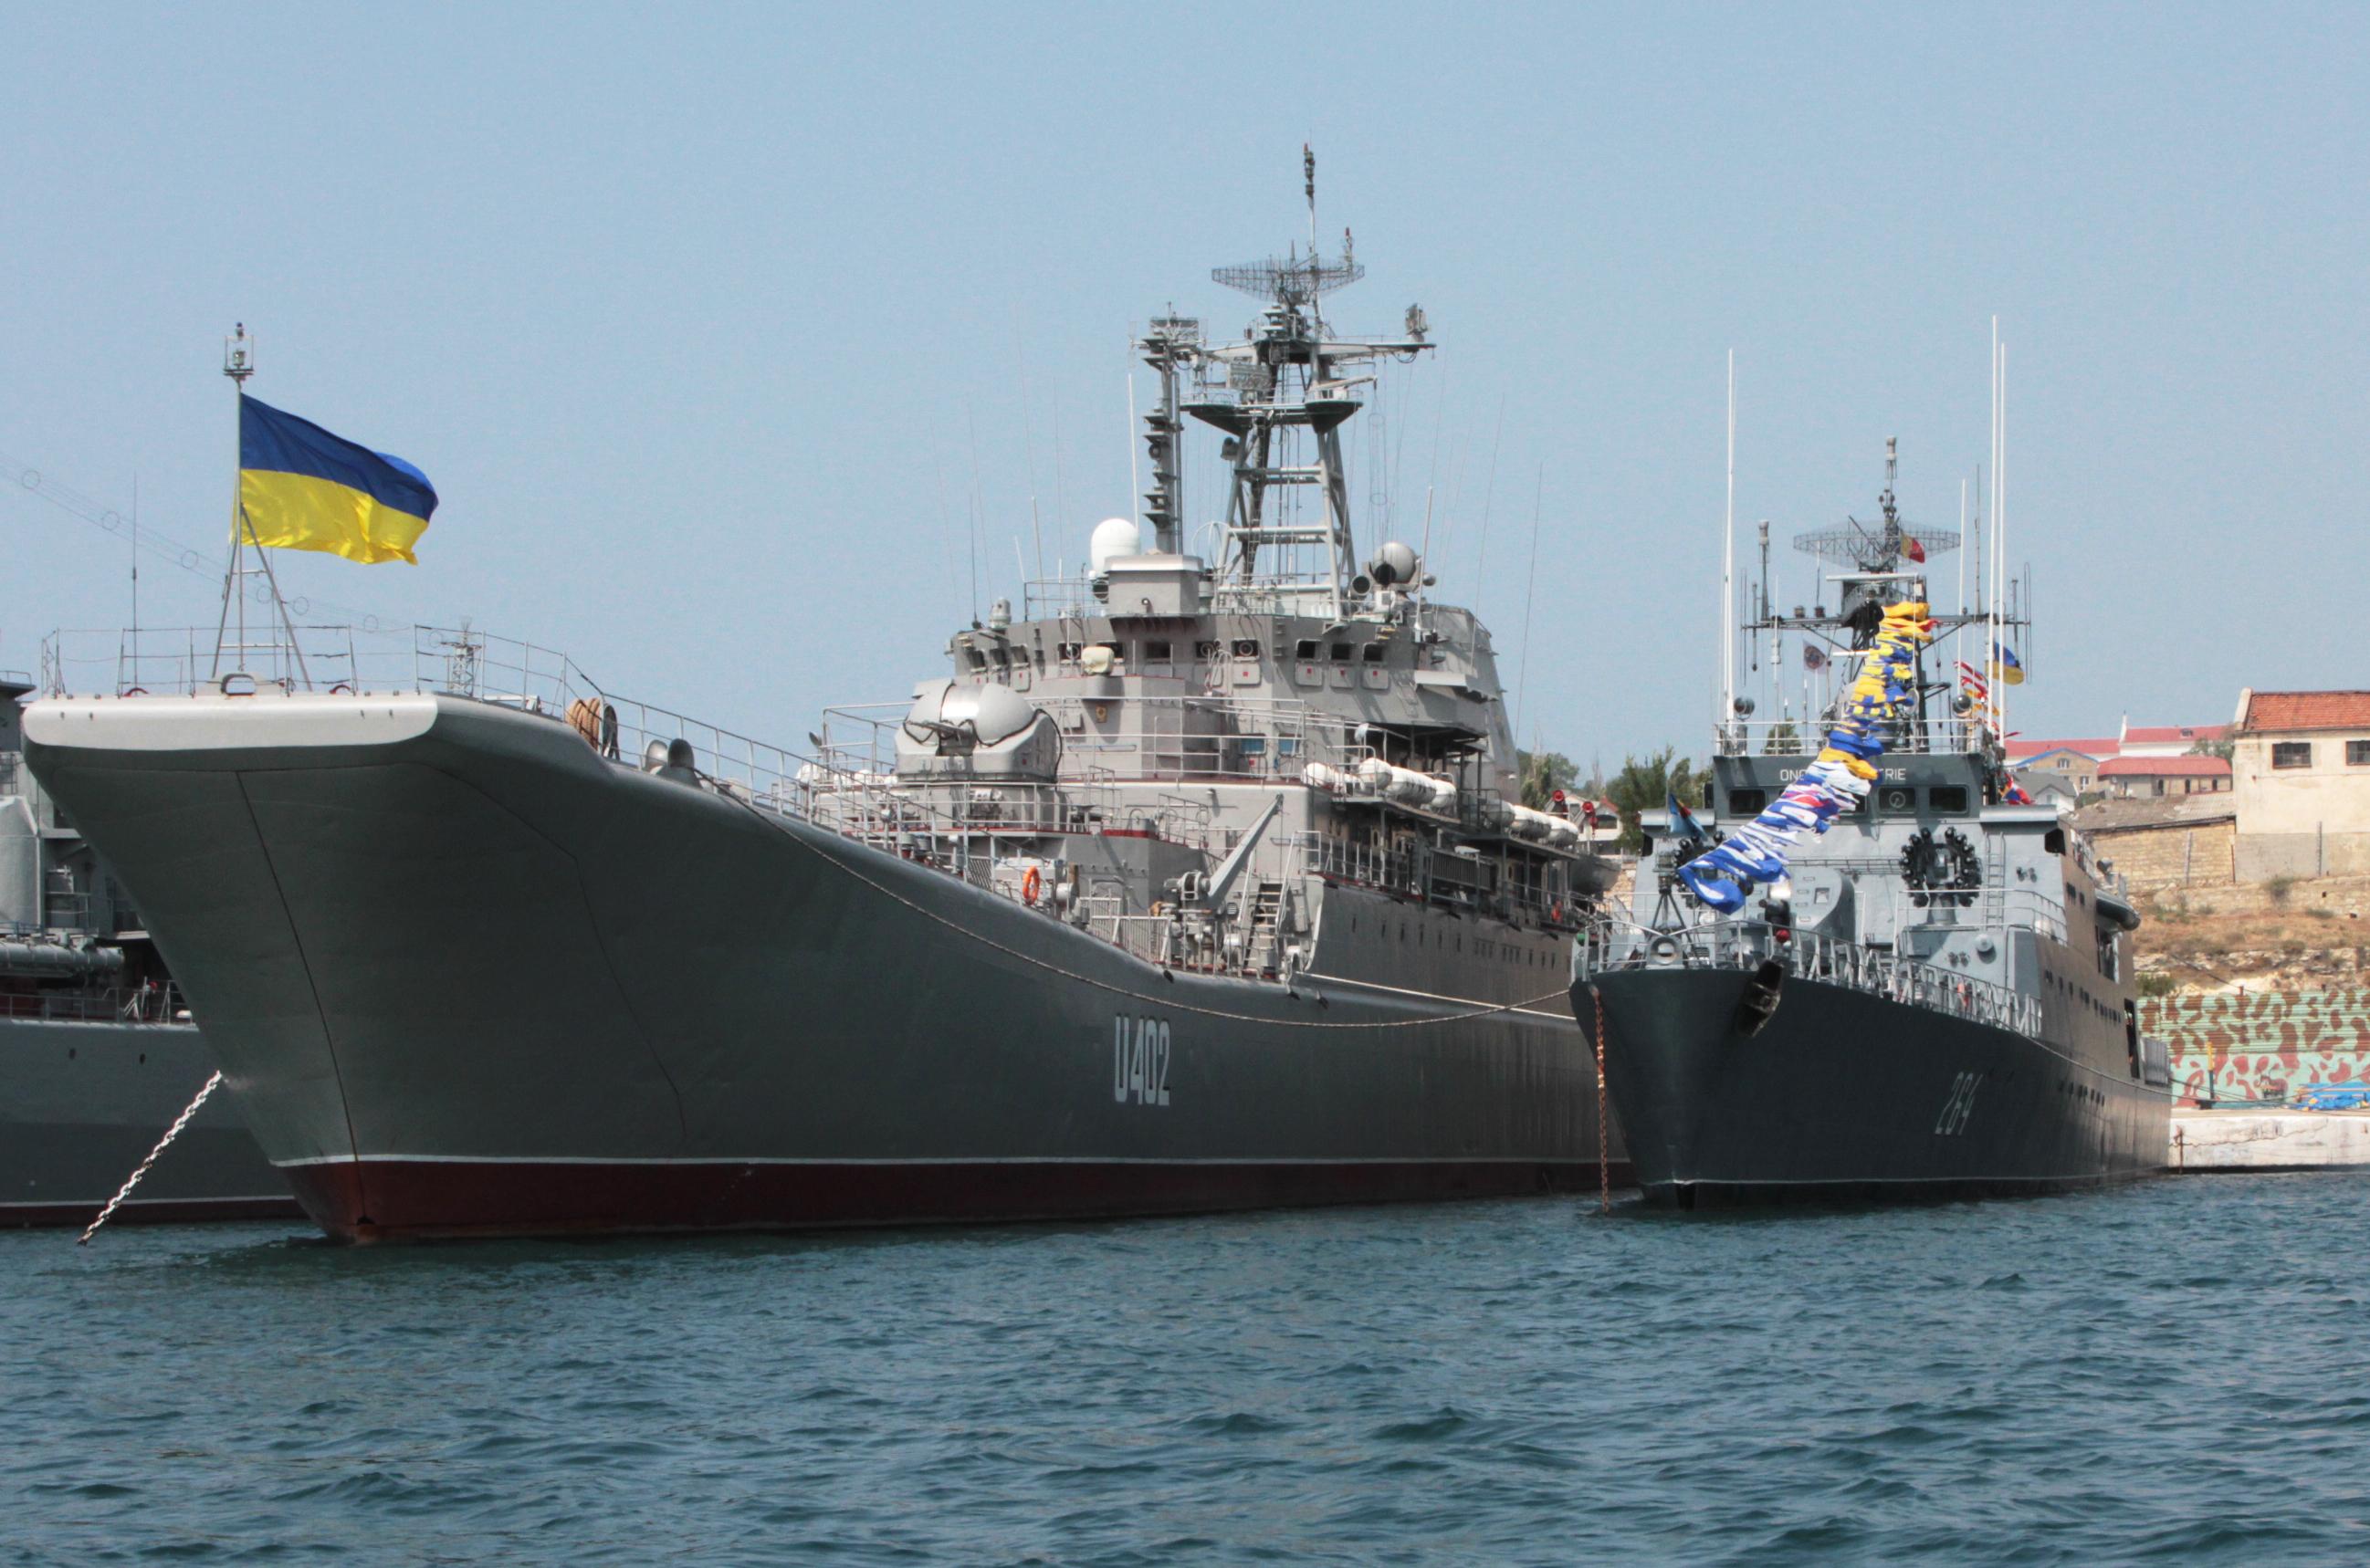 Британский флаг на Чёрном море: Зачем Украина хочет предоставить Лондону военно-морские базы